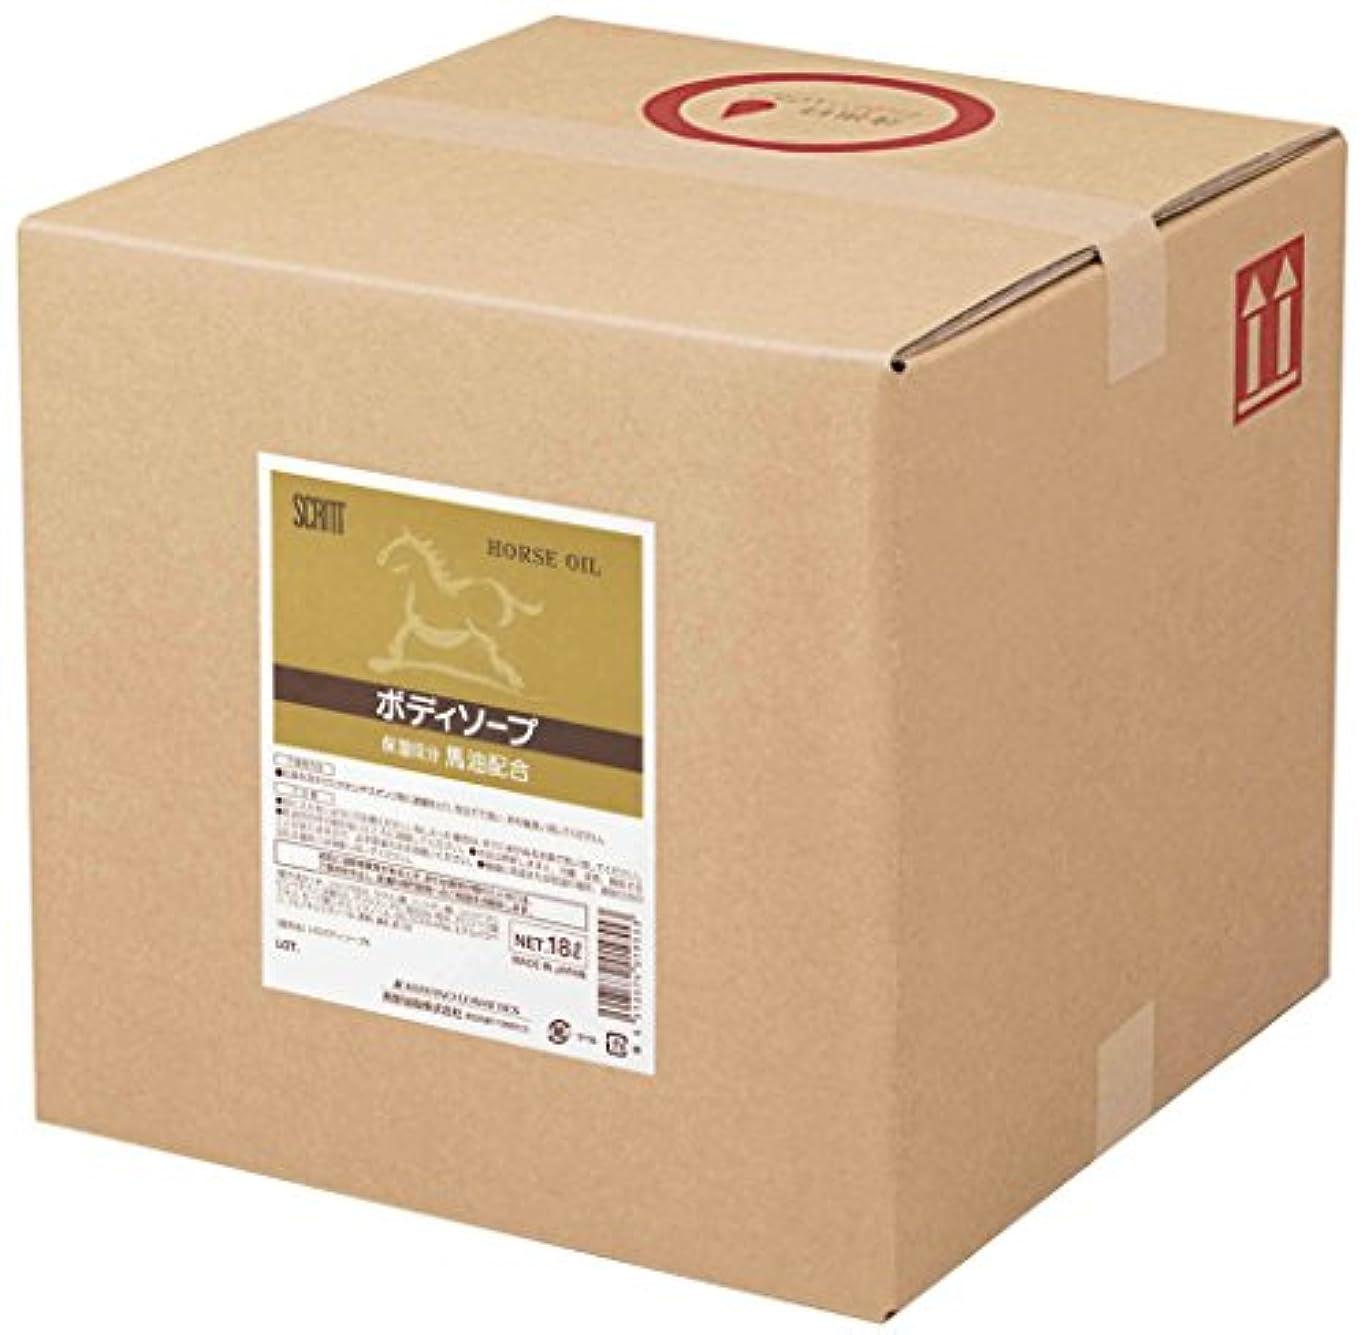 危険を冒します冷笑する因子熊野油脂 業務用 SCRITT(スクリット) 馬油ボディソープ 18L